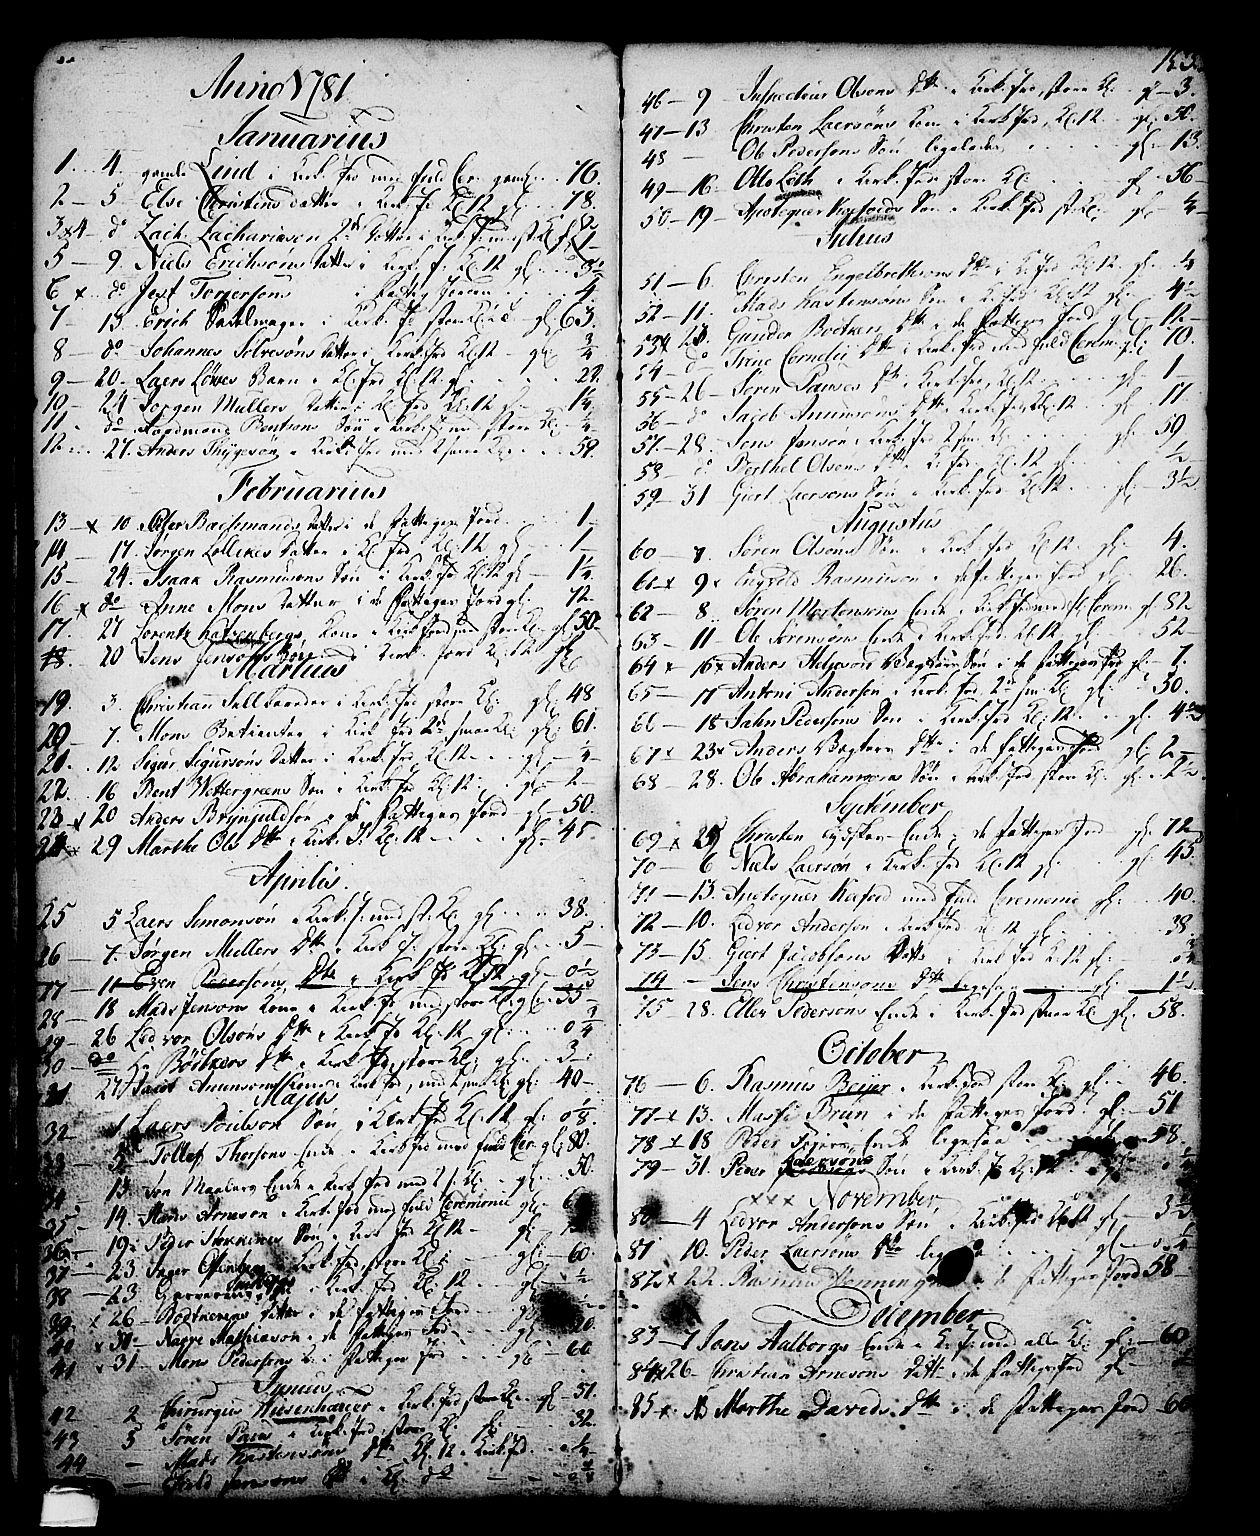 SAKO, Skien kirkebøker, G/Ga/L0001: Klokkerbok nr. 1, 1756-1791, s. 153